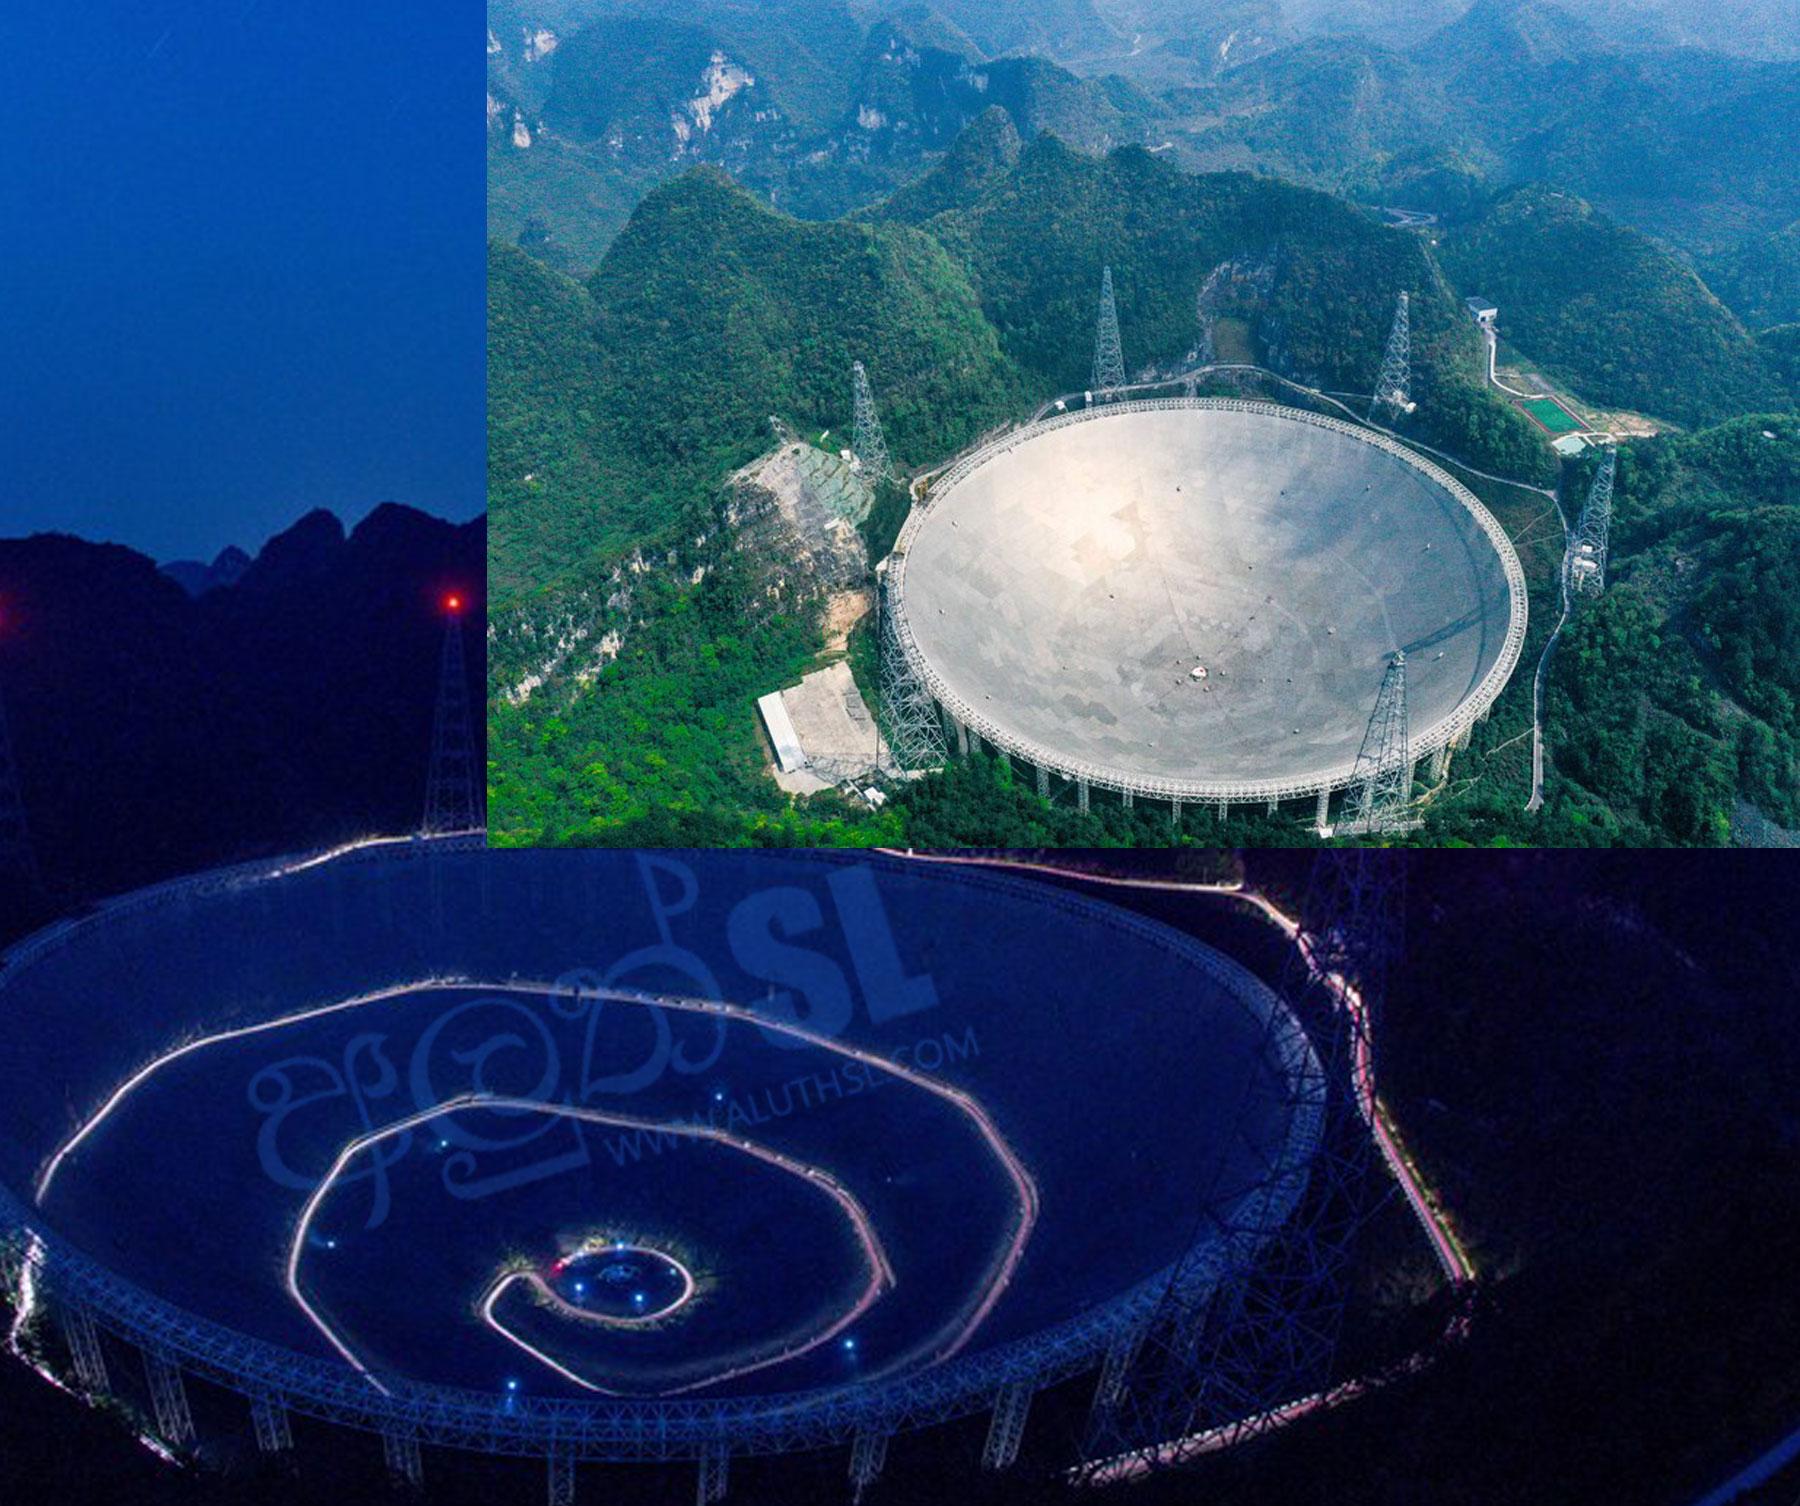 ලොව විශාලතම දුරේක්ෂය විවෘත කරයි ( video ) The World's Largest Telescope